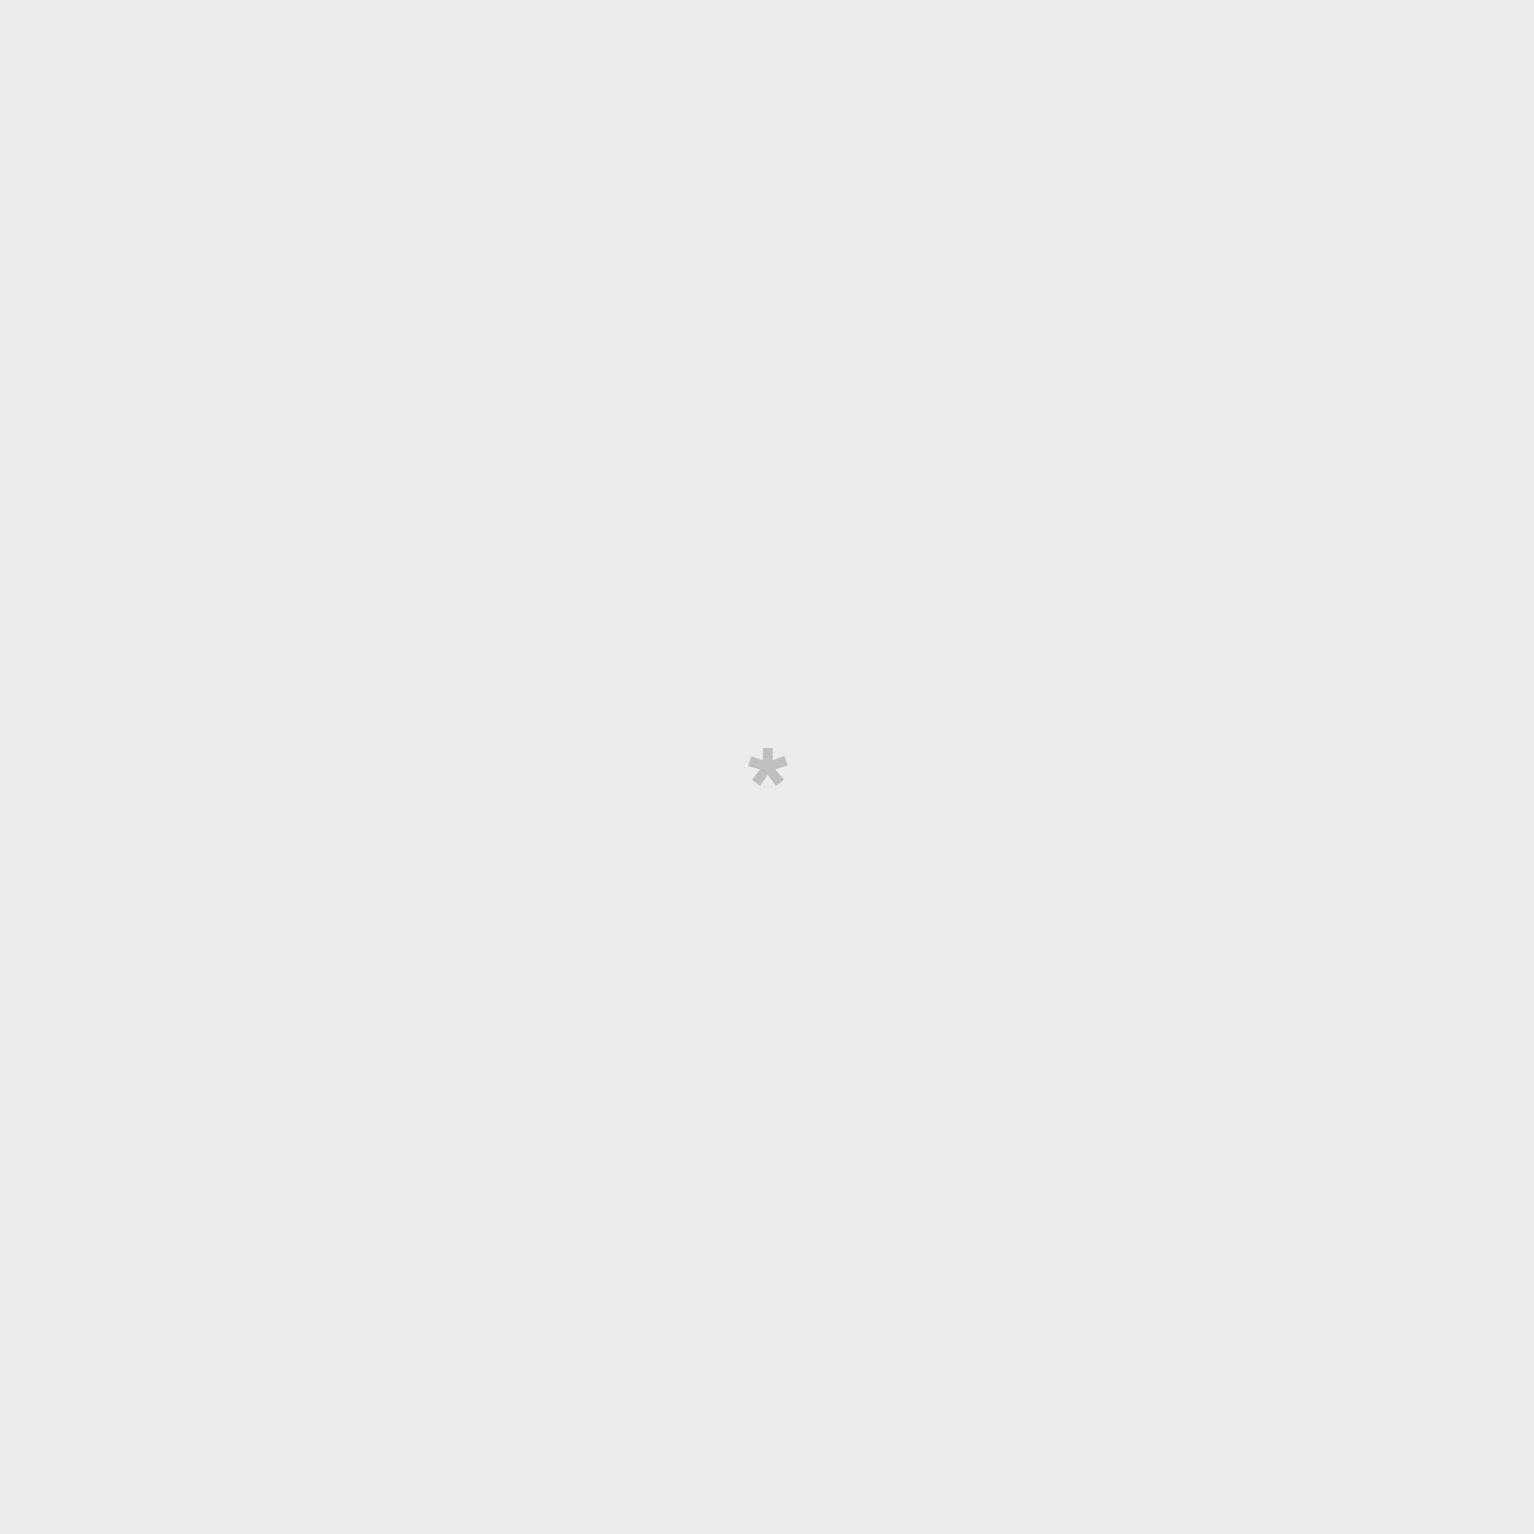 Planificador semanal - Voy a darlo todo todos los días